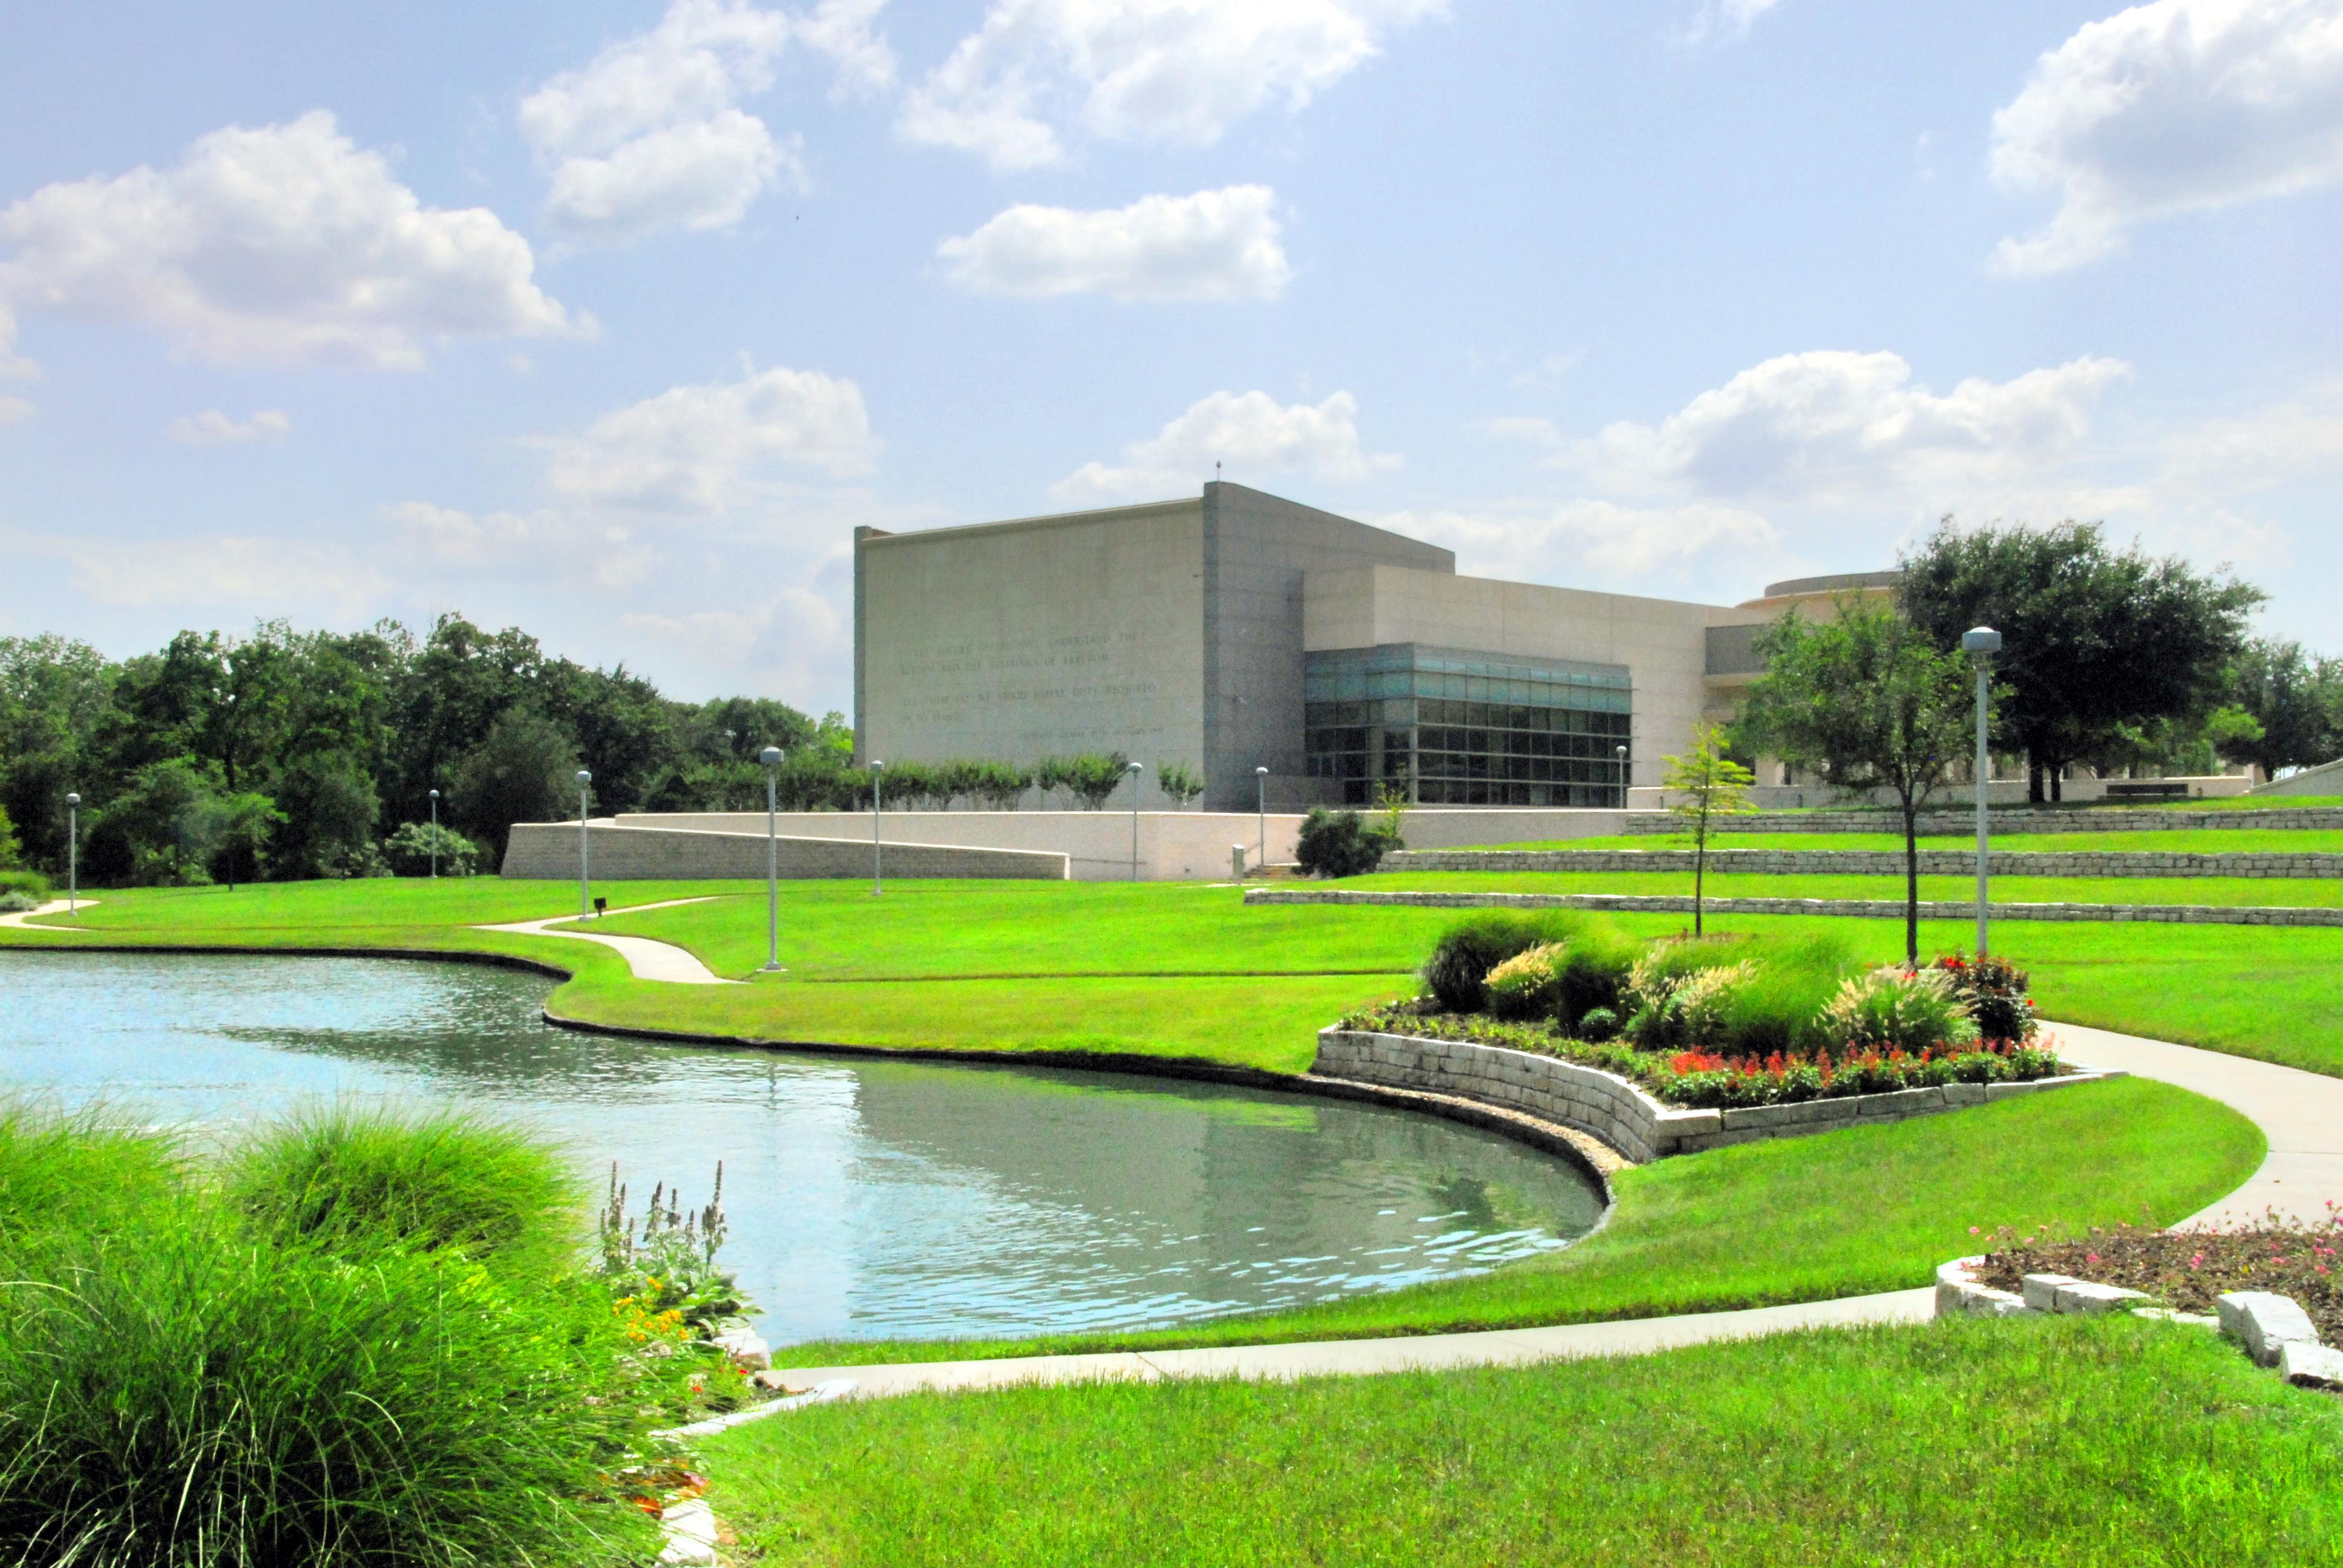 喬治·布希總統圖書館和博物館